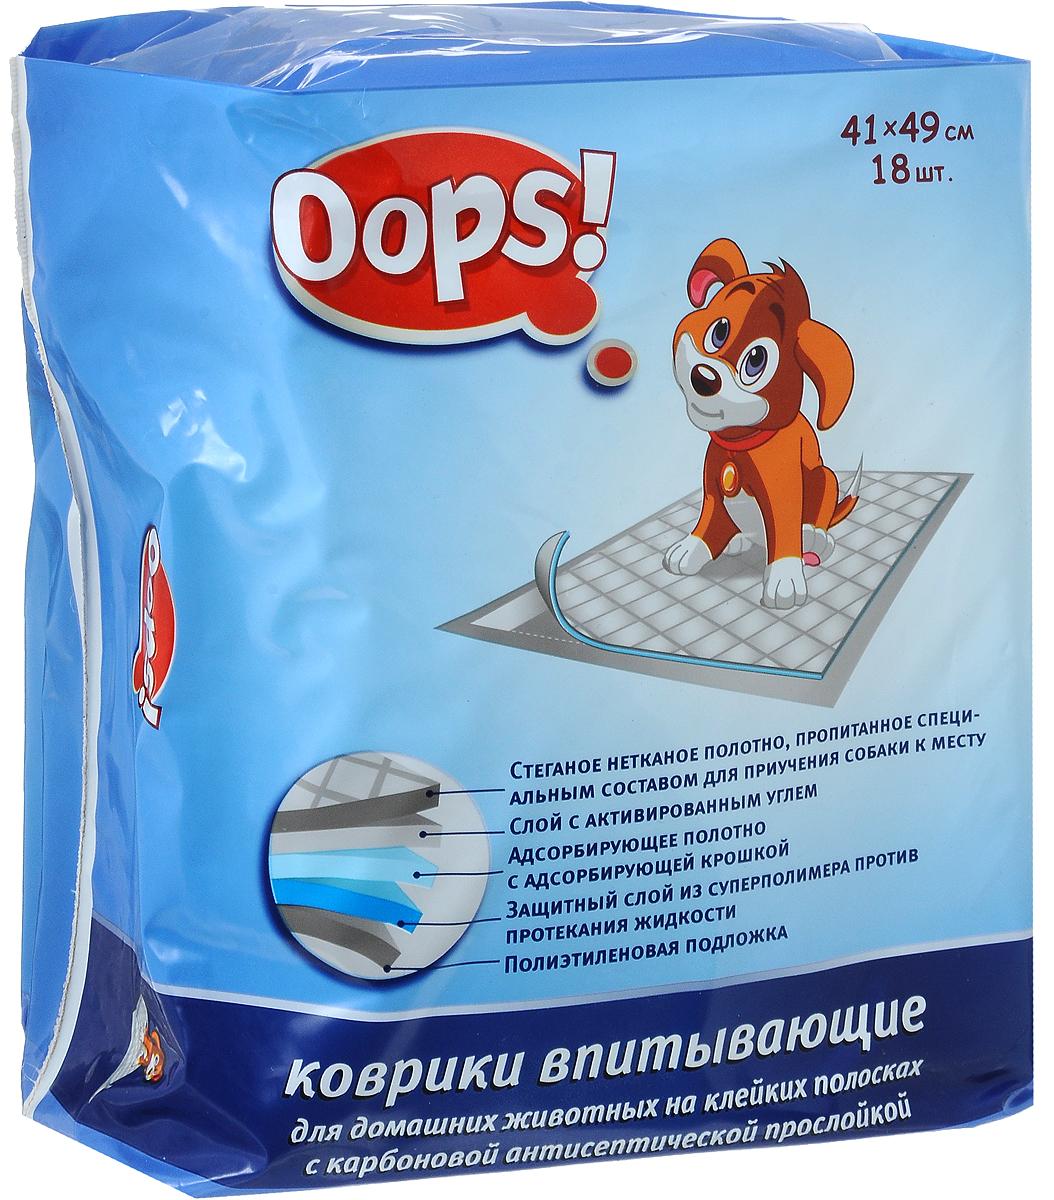 """Коврики для домашних животных """"OOPS!"""", впитывающие, на клейких полосках, 41 х 49 см, 18 шт"""